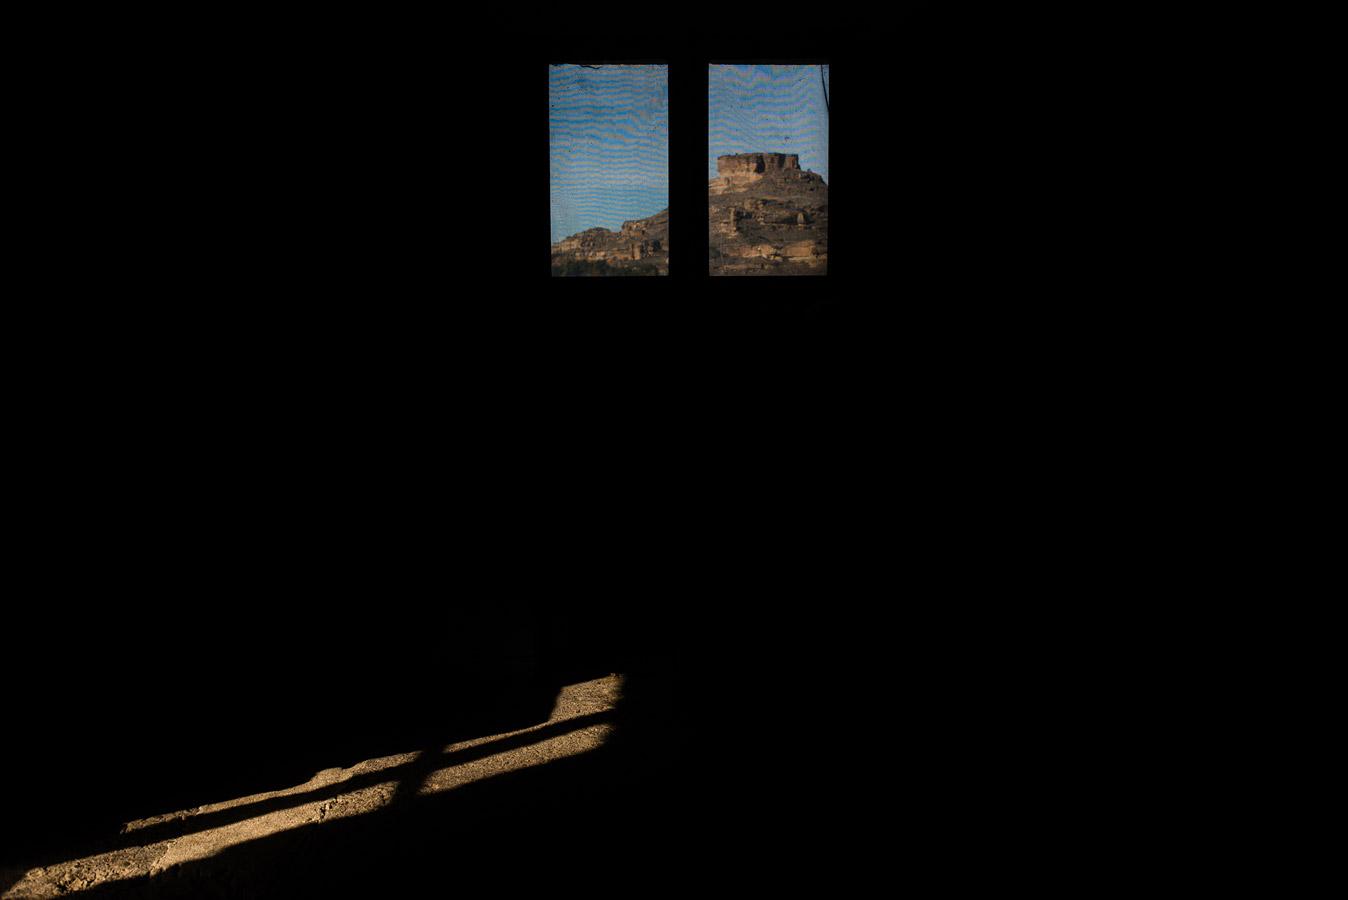 © Тамара Марбан, Специальное упоминание жюри III премии Халона Анхеля 2017 года в жанре «Путешествие», Конкурс фотографий Халона Анхеля — Jalon Angel Photography Awards